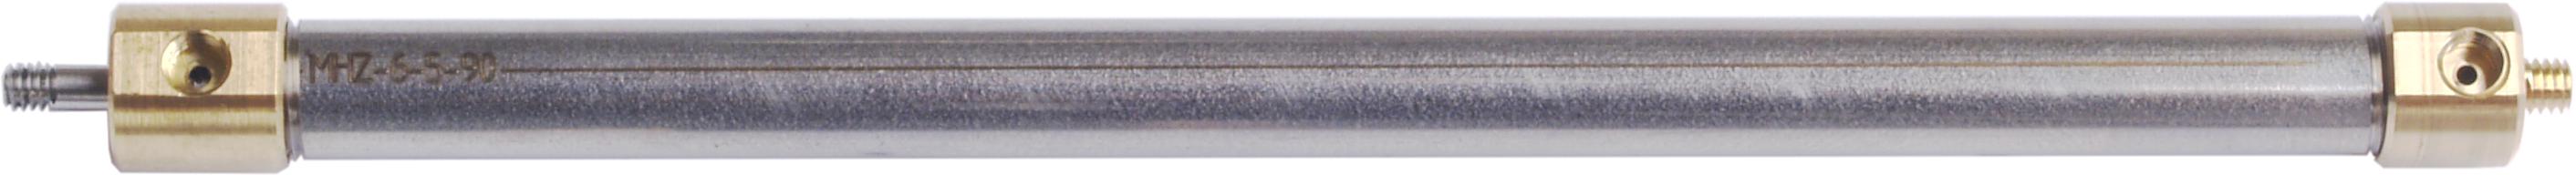 Hydraulic Cylinder Stroke 90mm